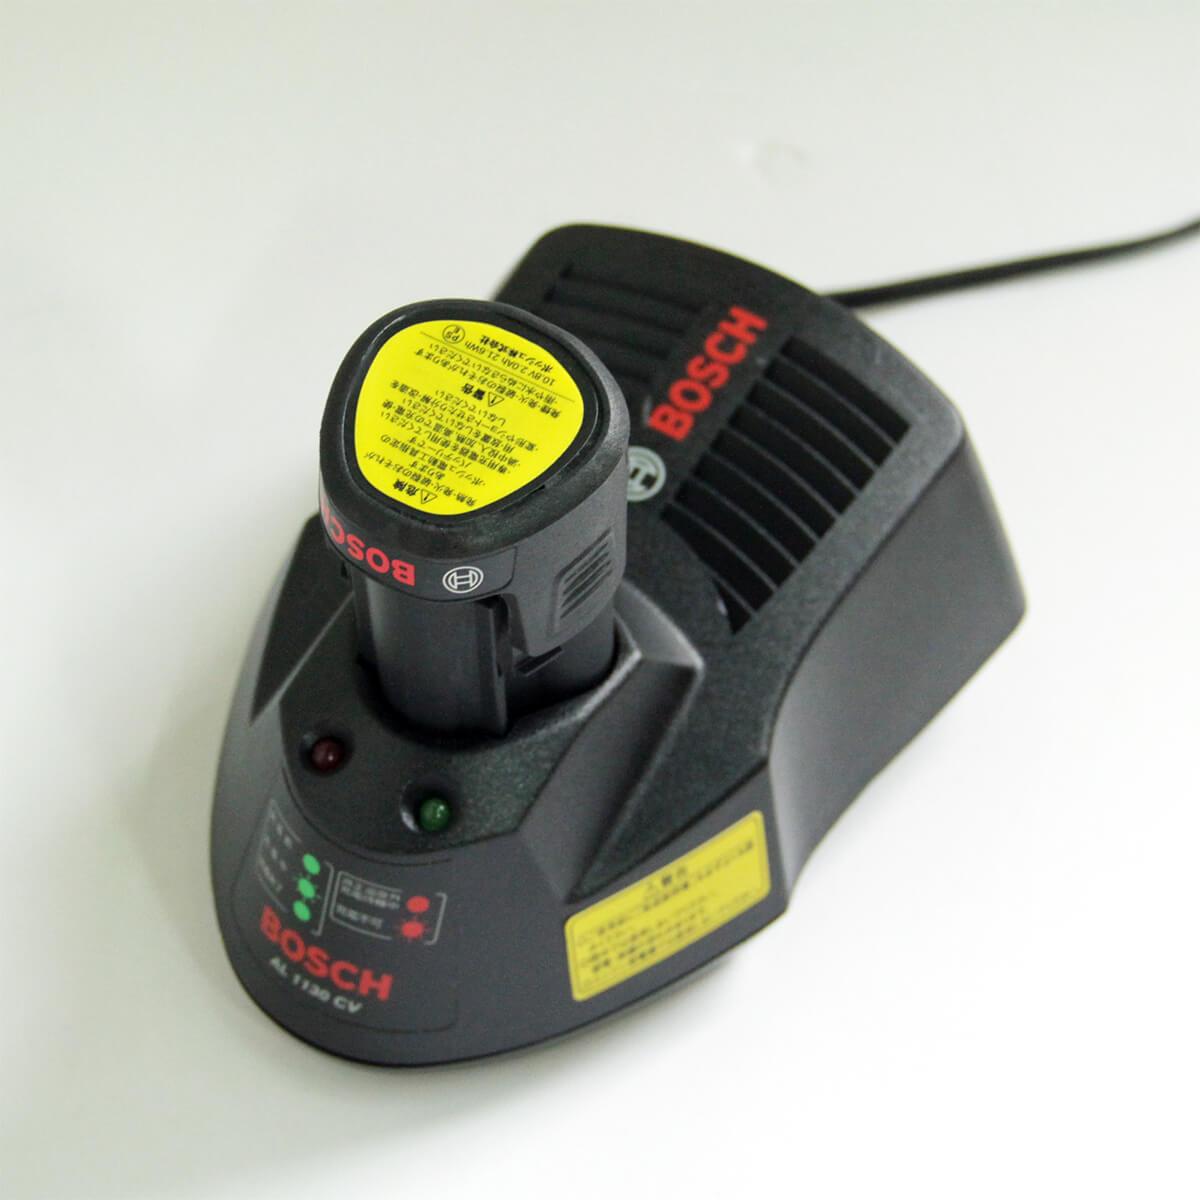 バッテリードリルドライバー 10.8V ボッシュBOSCH